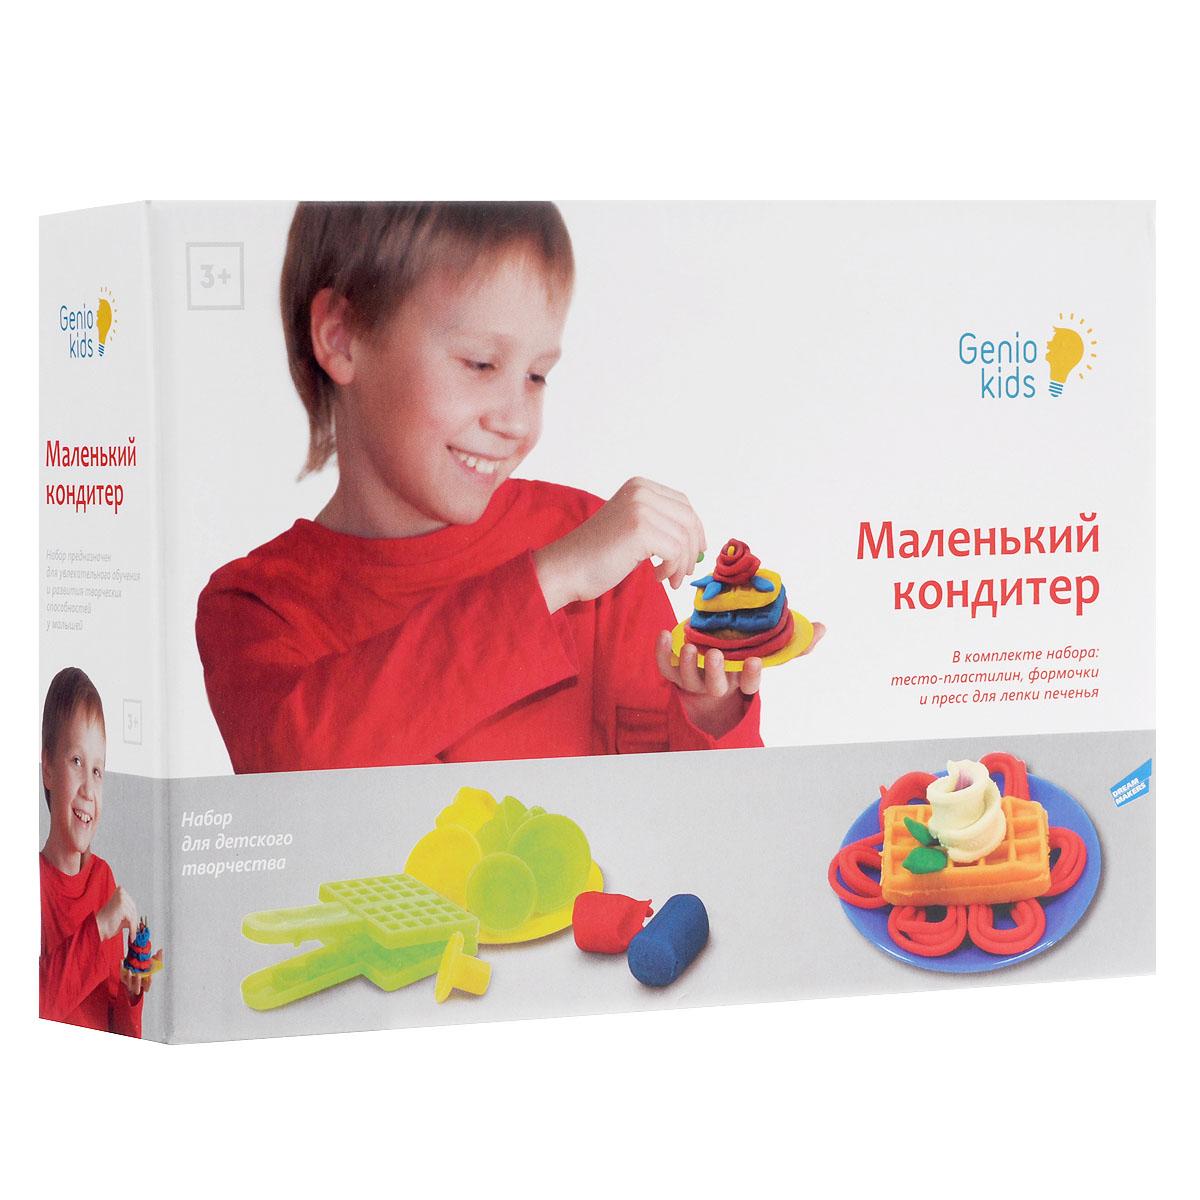 Набор для лепки Genio Kids Маленький кондитер, 11 предметовTA1028Набор Маленький кондитер поможет вашему ребенку почувствовать себя в роли настоящего мастера по приготовлению тортов, пирожных и печенья. С помощью входящих в набор форм и формочек, кушанья получат аппетитный и привлекательный вид (хоть кондитерскую открывай), а тесто даст возможность поэкспериментировать не только с формой, но и с цветом. В комплект набора входит тесто-пластилин 3 цветов (желтого, красного, синего), 6 формочек для приготовления различных кондитерский изделий, 1 формочка-пресс для лепки печенья, 1 тарелочка. Тесто - это натуральный и совершенно безвредный материал, являющийся лучшей заменой пластилину. К радости мам оно легко смывается, не оставляя после себя грязи, и проще чем пластилин принимает желаемую форму. Тесто может быть мягким как глина, когда ребенок лепит, и твердым как гипс, когда вы решите надолго сохранить изготовленное из него изделие. Занятие лепкой помогает формированию творческого мышления, развивает мелкую моторику рук,...